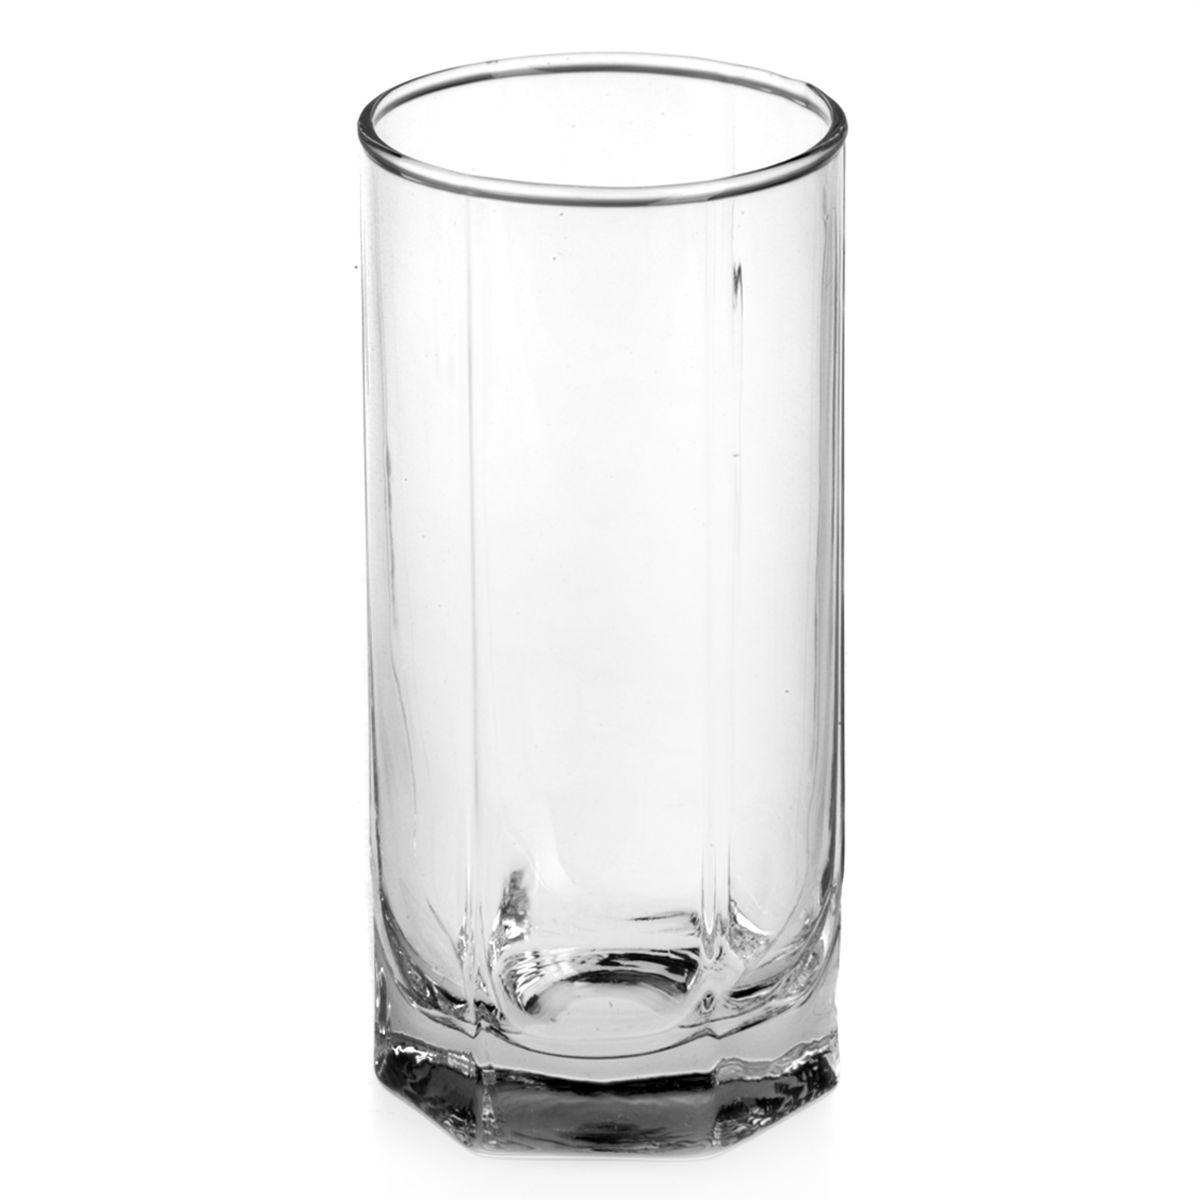 Набор стаканов для коктейля Pasabahce Tango, 290 мл, 6 штVT-1520(SR)Набор стаканов для коктейлей Pasabahce Tango изготовлен из натрий-кальций-силикатного стекла. Набор состоит из 6 стаканов, выполненных в элегантном дизайне. Такие стаканыукрасят любой праздничный стол.Набор стаканов для коктейлей может стать отличным подарком к любому празднику. Можно мыть в посудомоечной машине и использовать в микроволновой печи.Диаметр стакана по верхнему краю: 6,2 см.Высота стакана: 13,7 см.